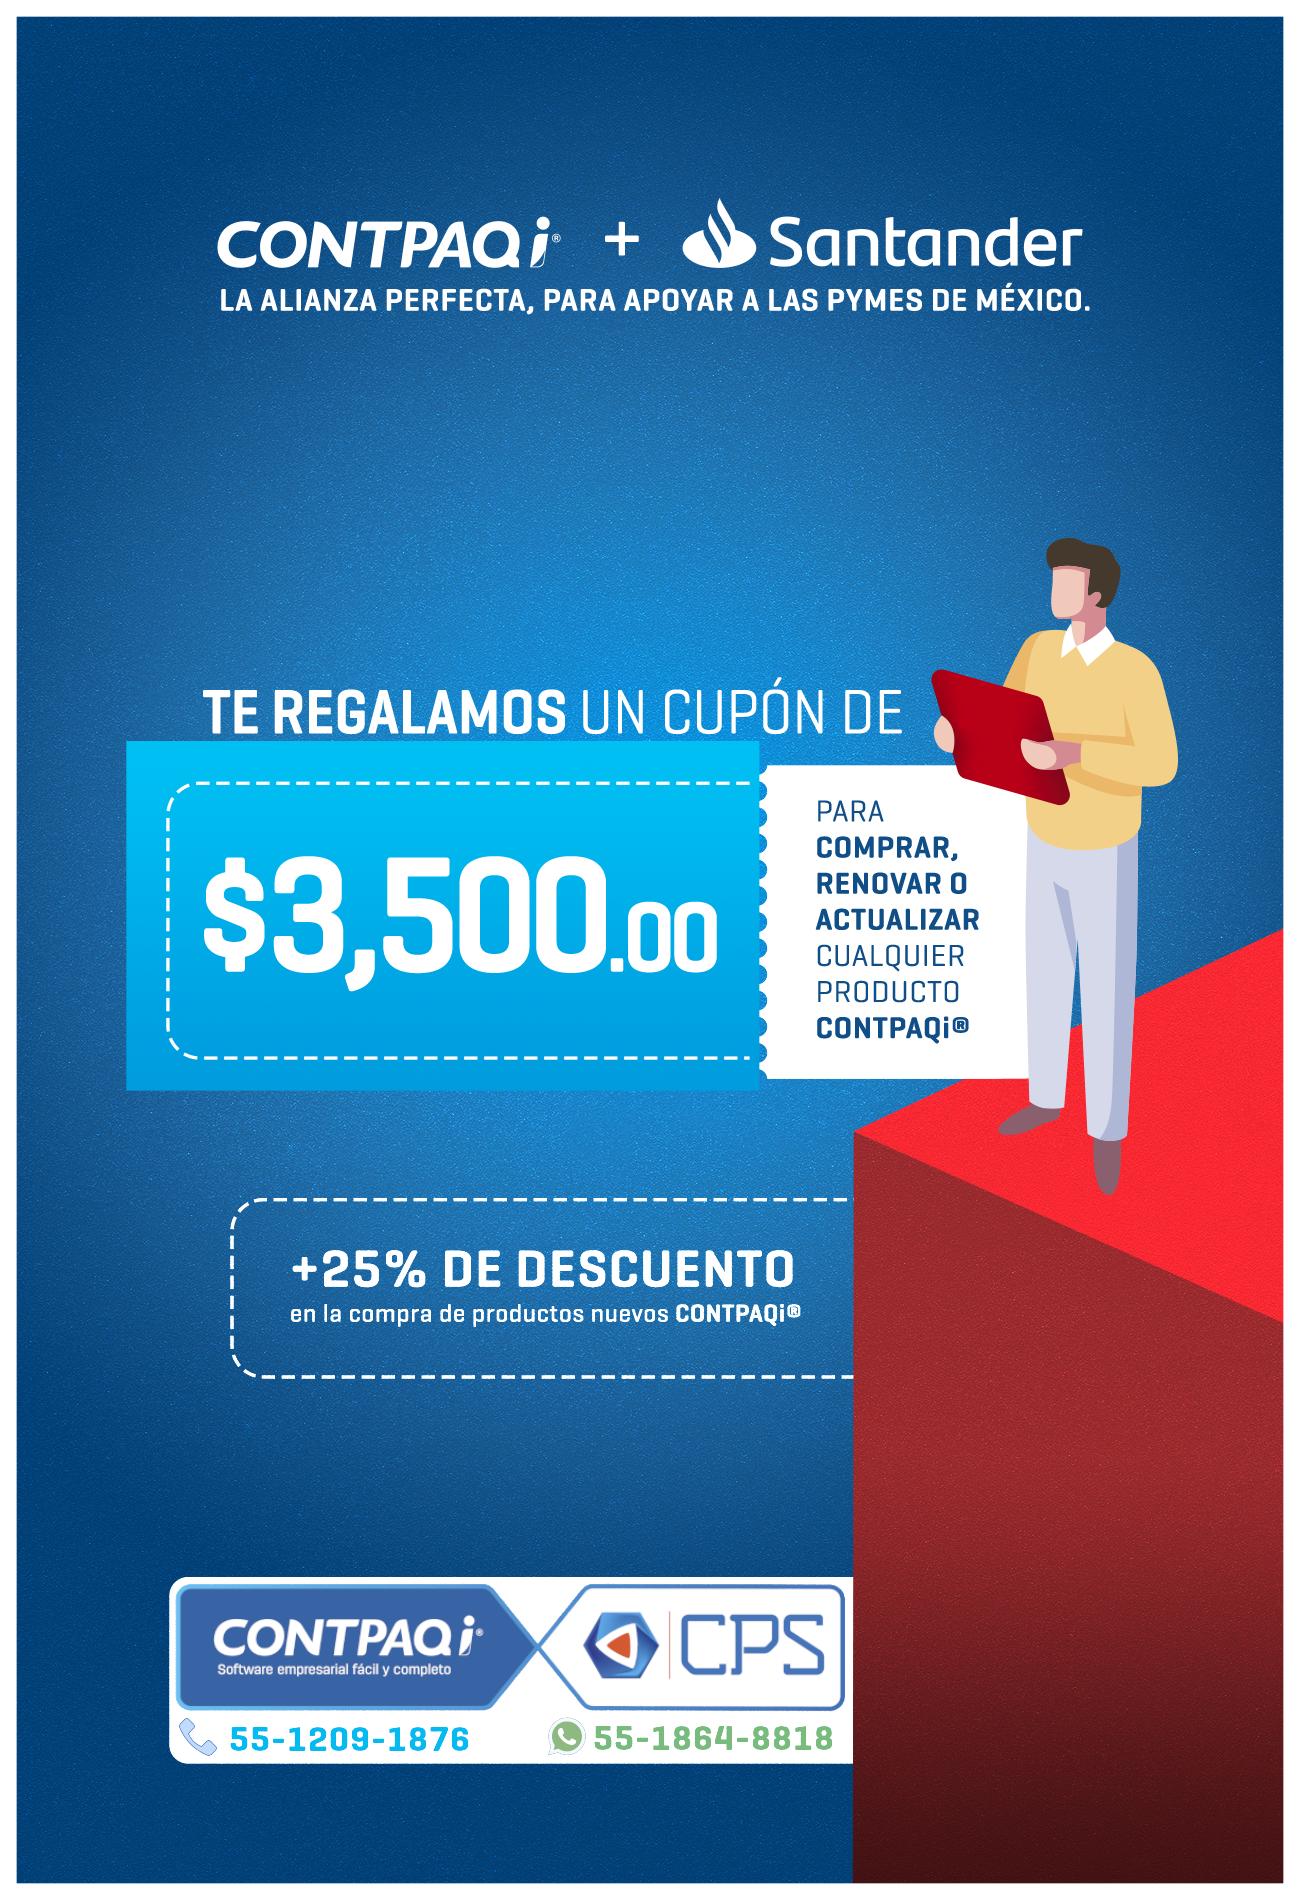 Obtén un cupón de $3,500.00 pesos en tus sistemas CONTPAQi